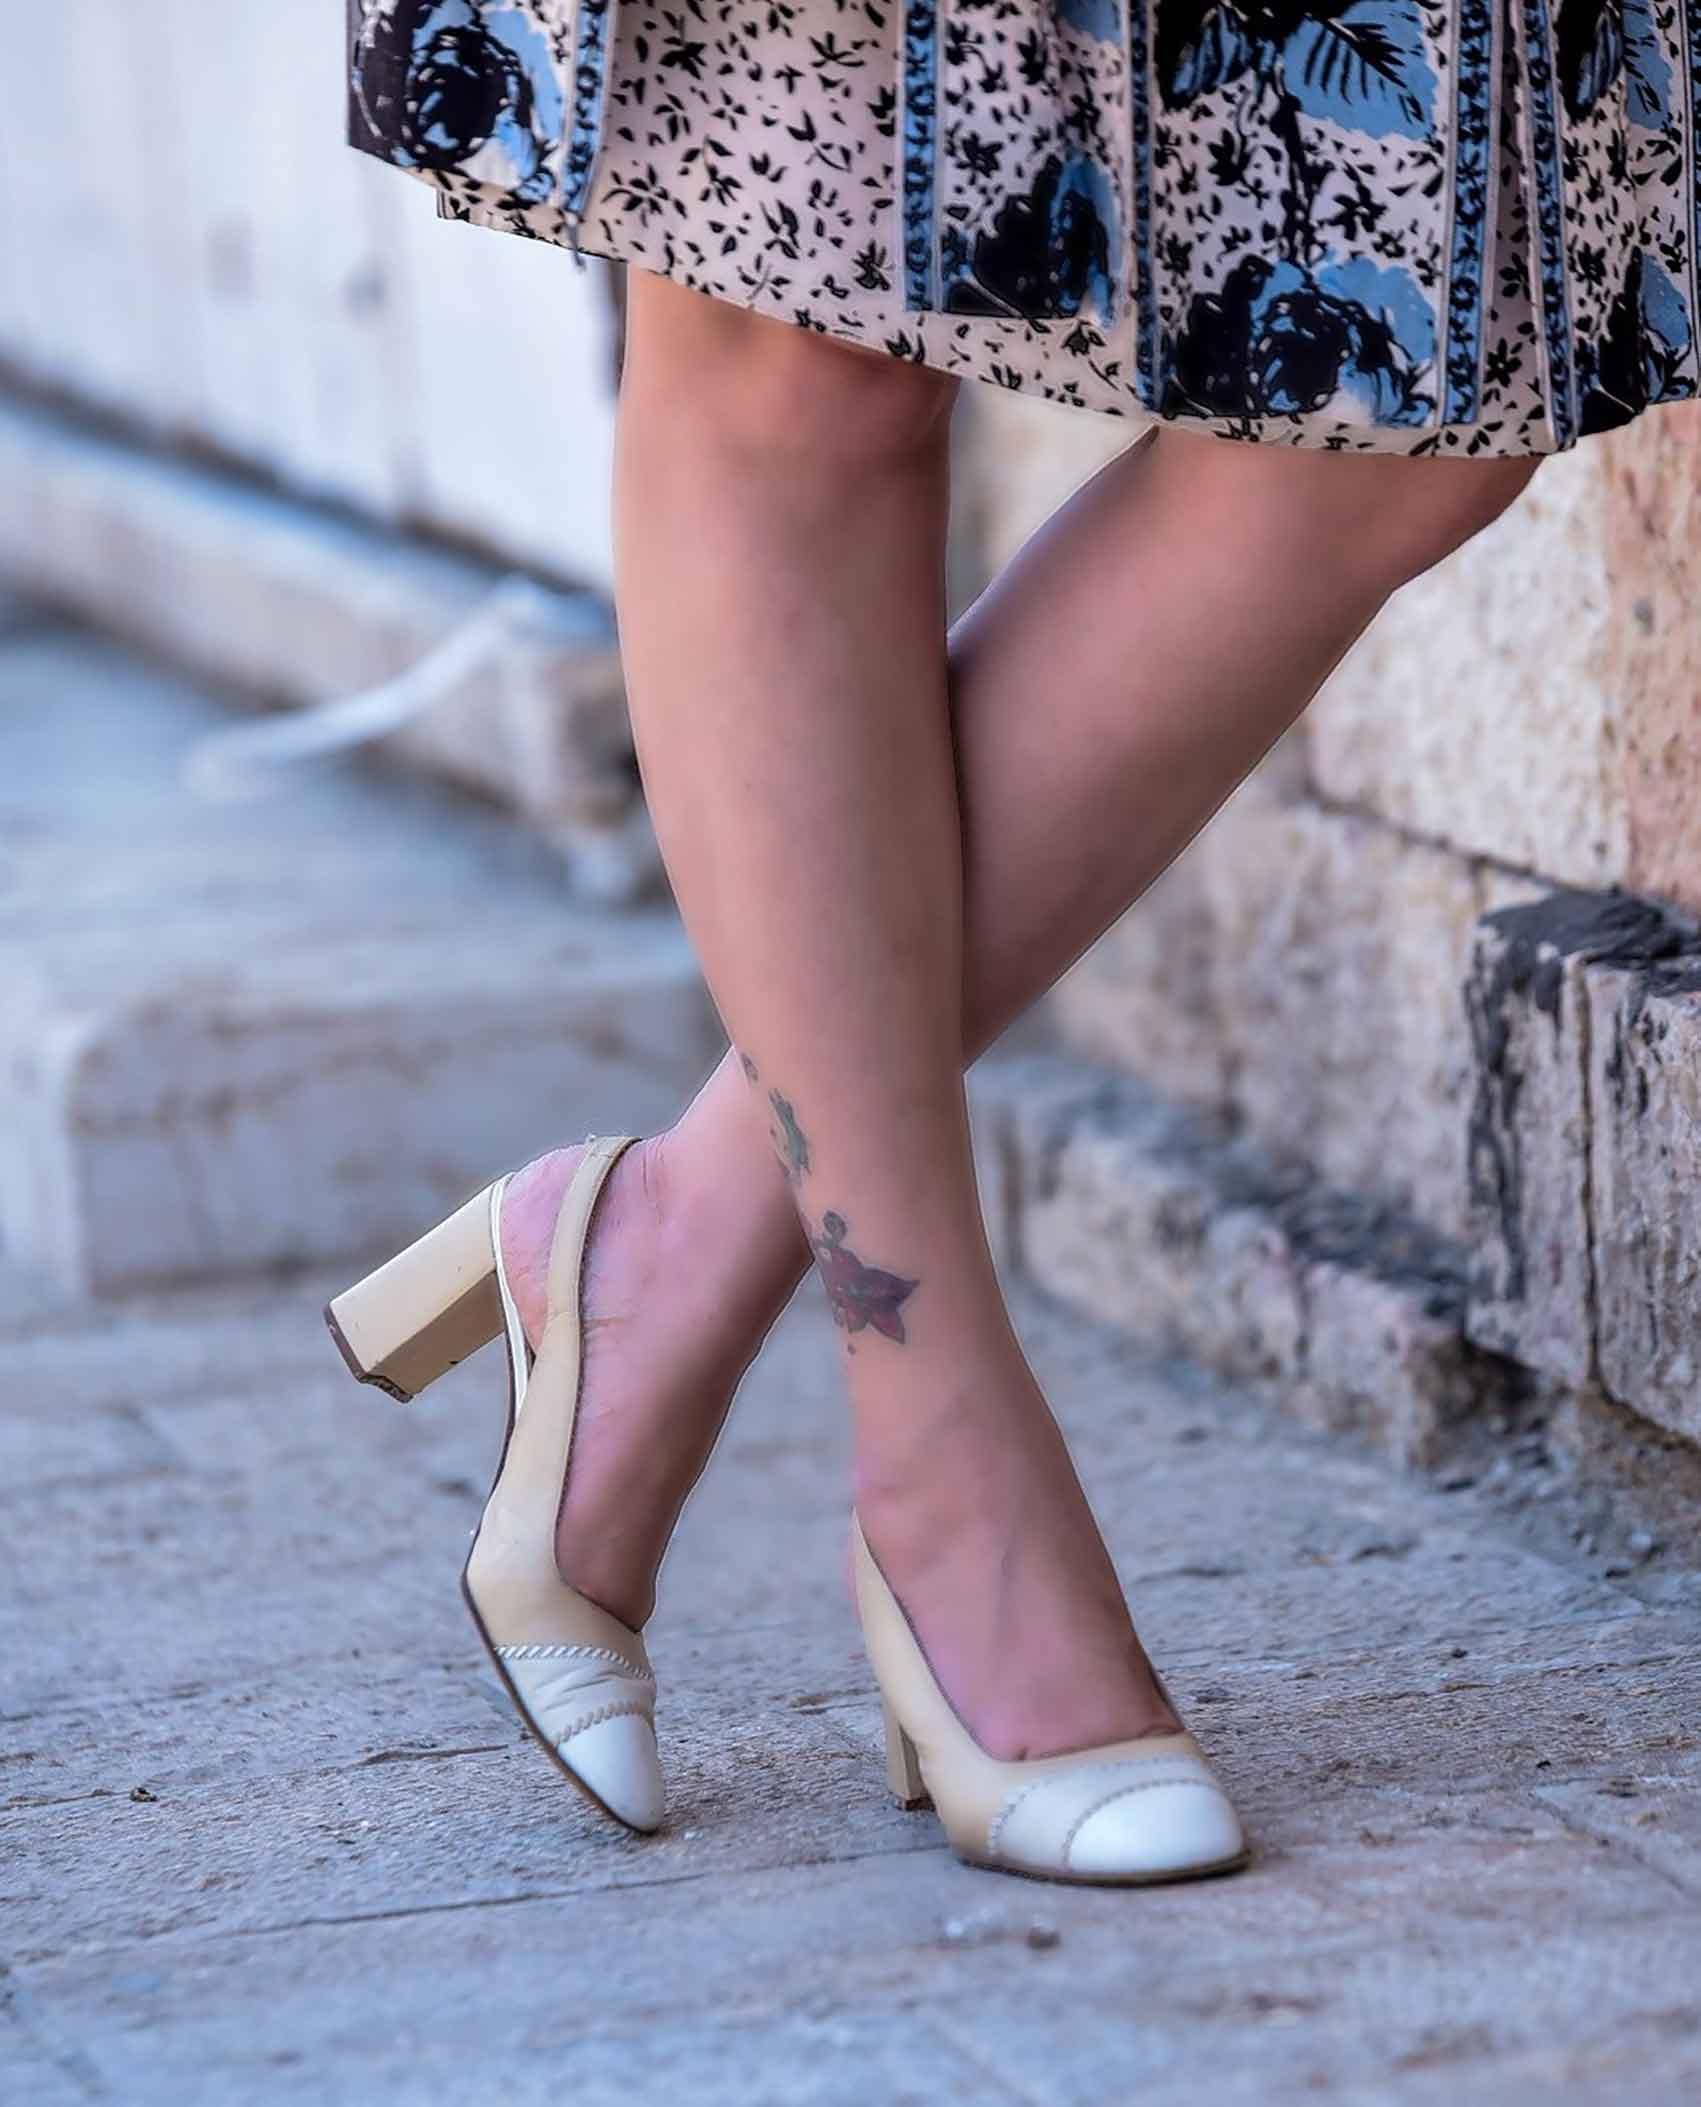 מגזין_אופנה_נעליים_שנות_השלושים_אופנת_נשים